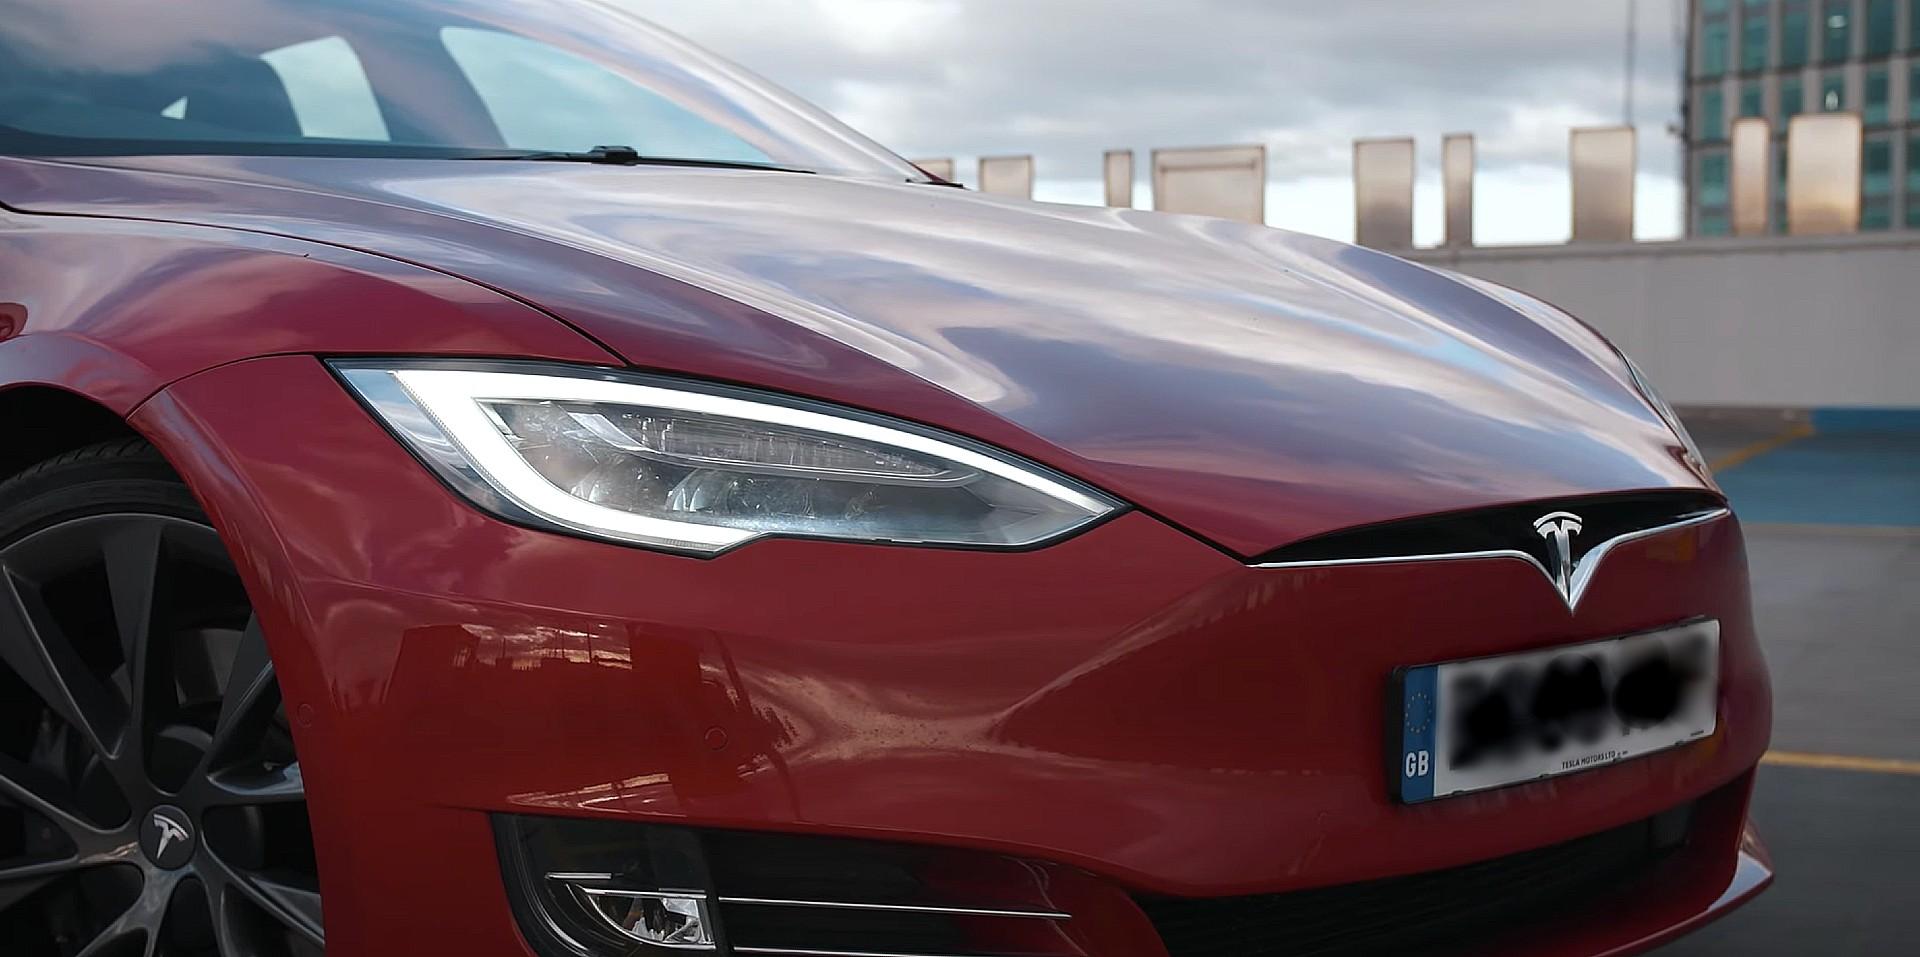 Аналитики Tesla (TSLA) корректируют целевые цены, исходя из долгосрочного роста.